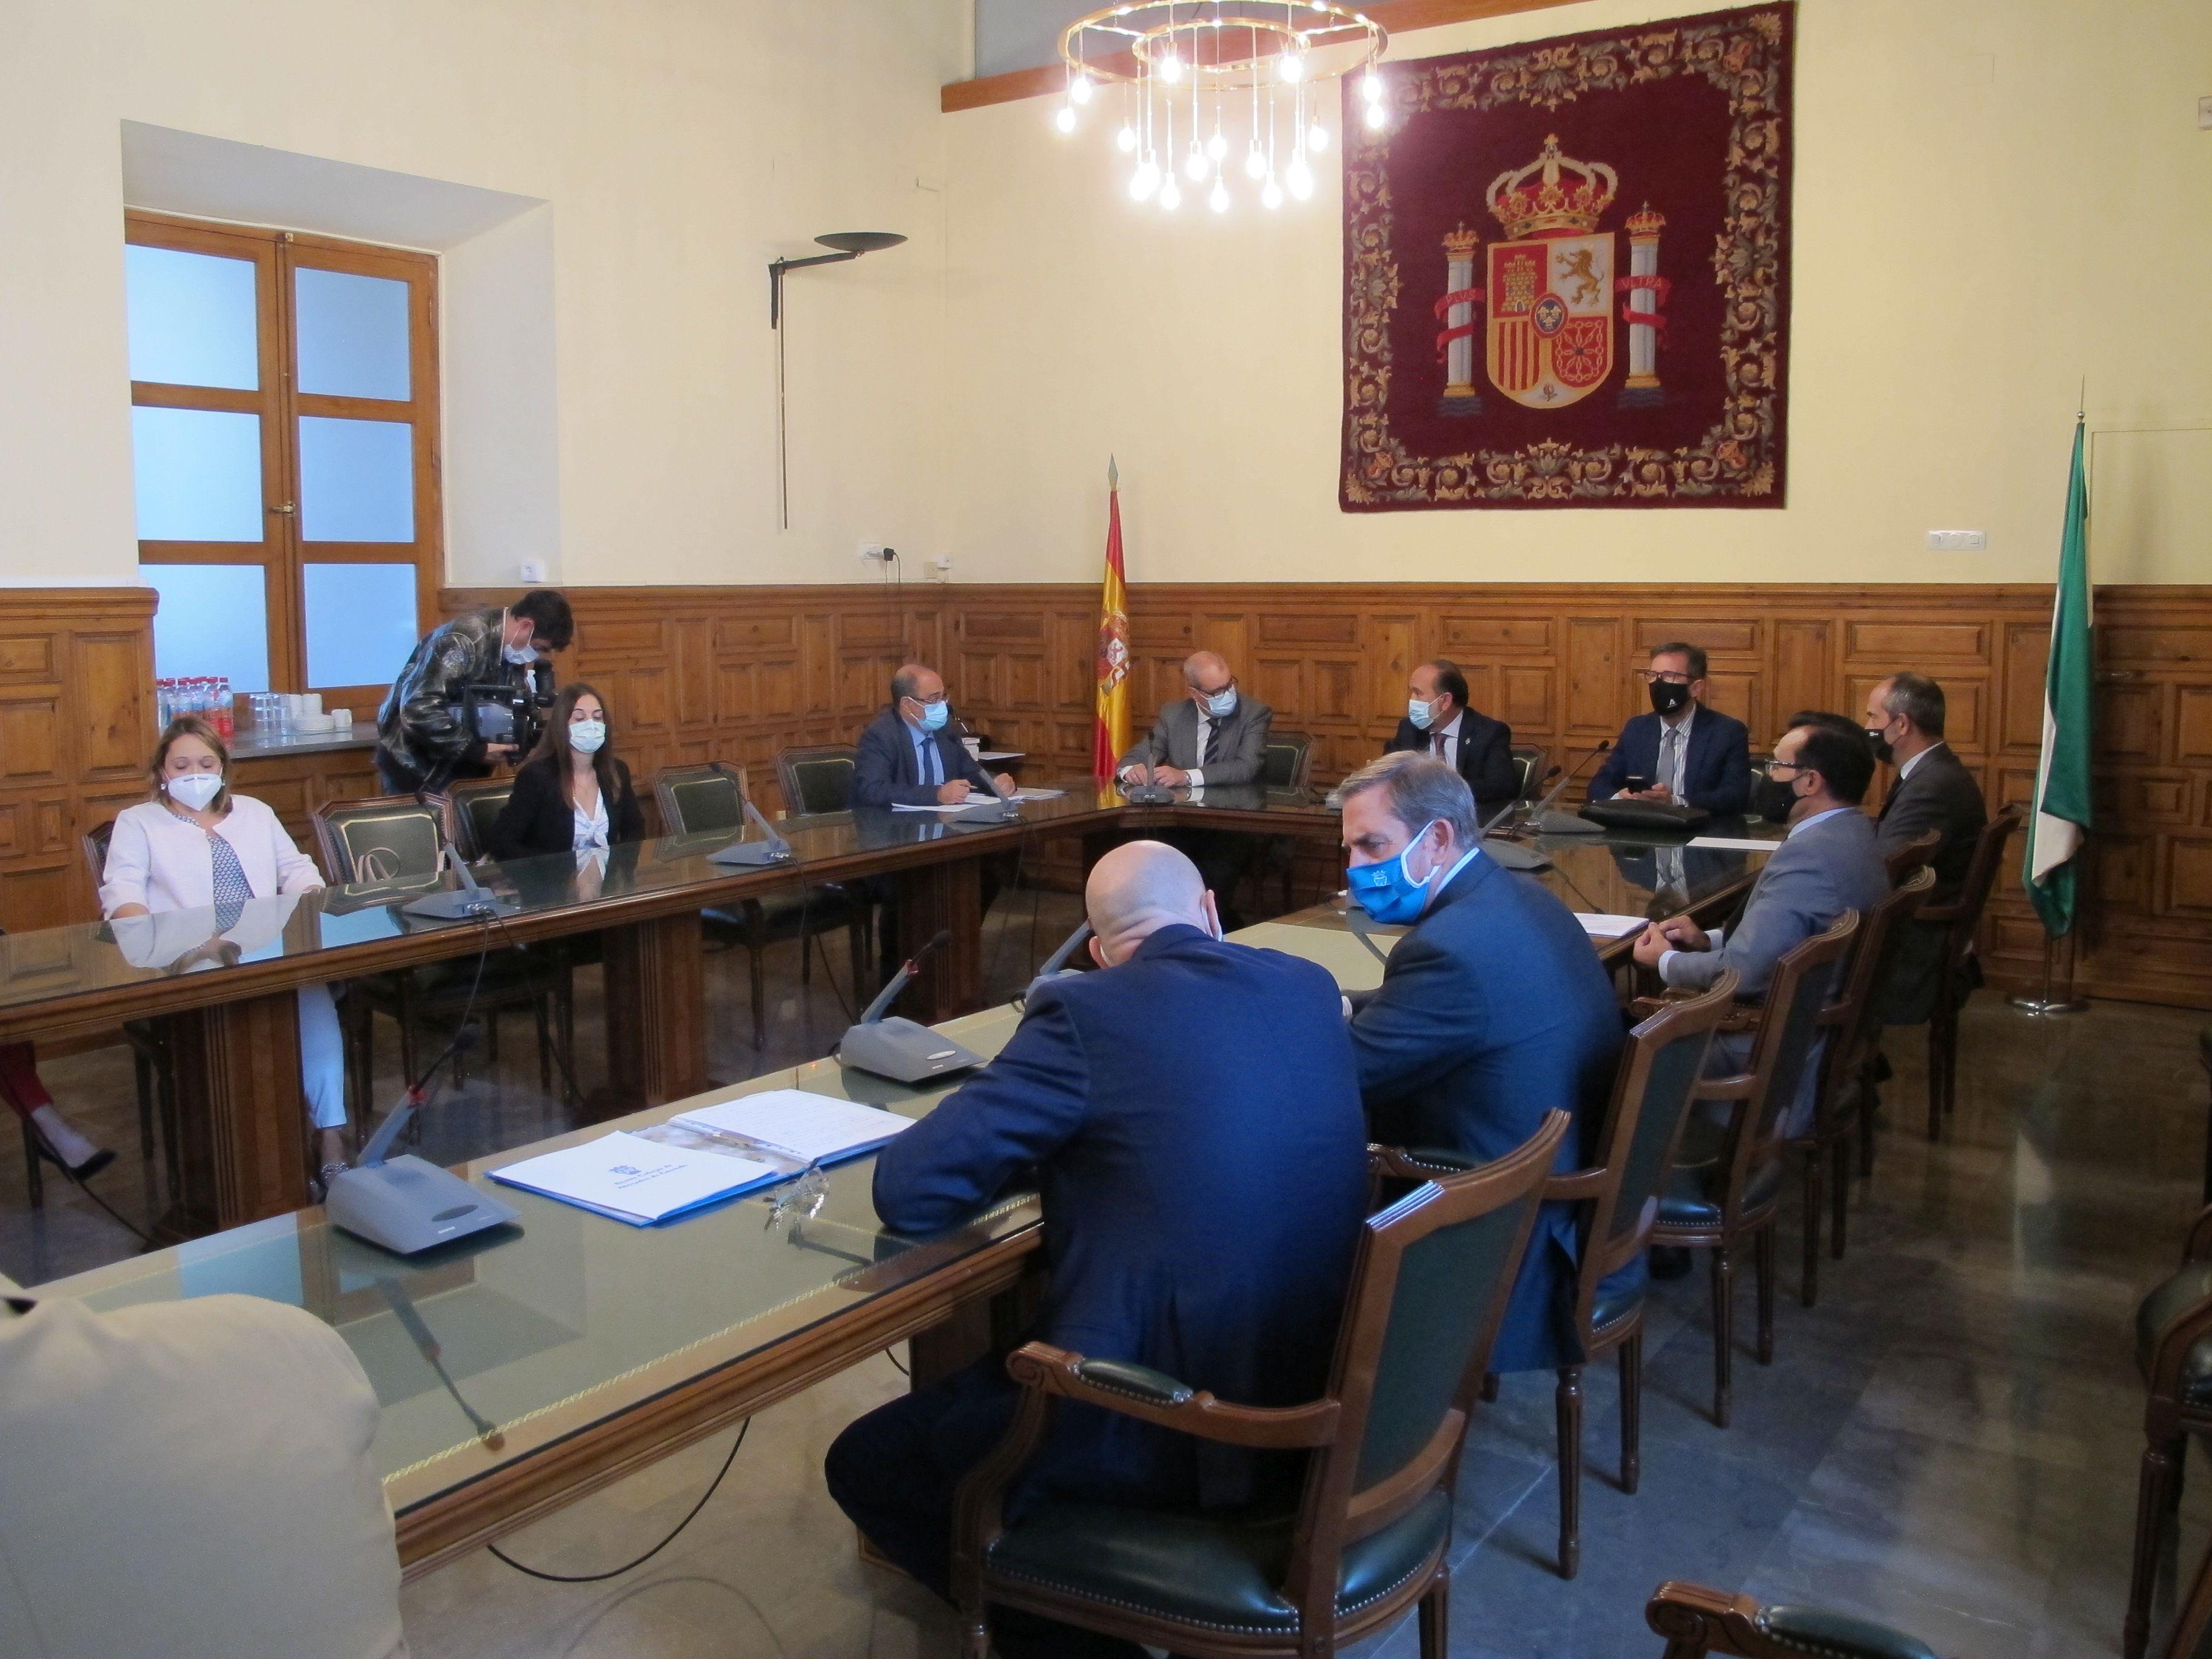 Justicia creará un nuevo juzgado de los Mercantil en Granada